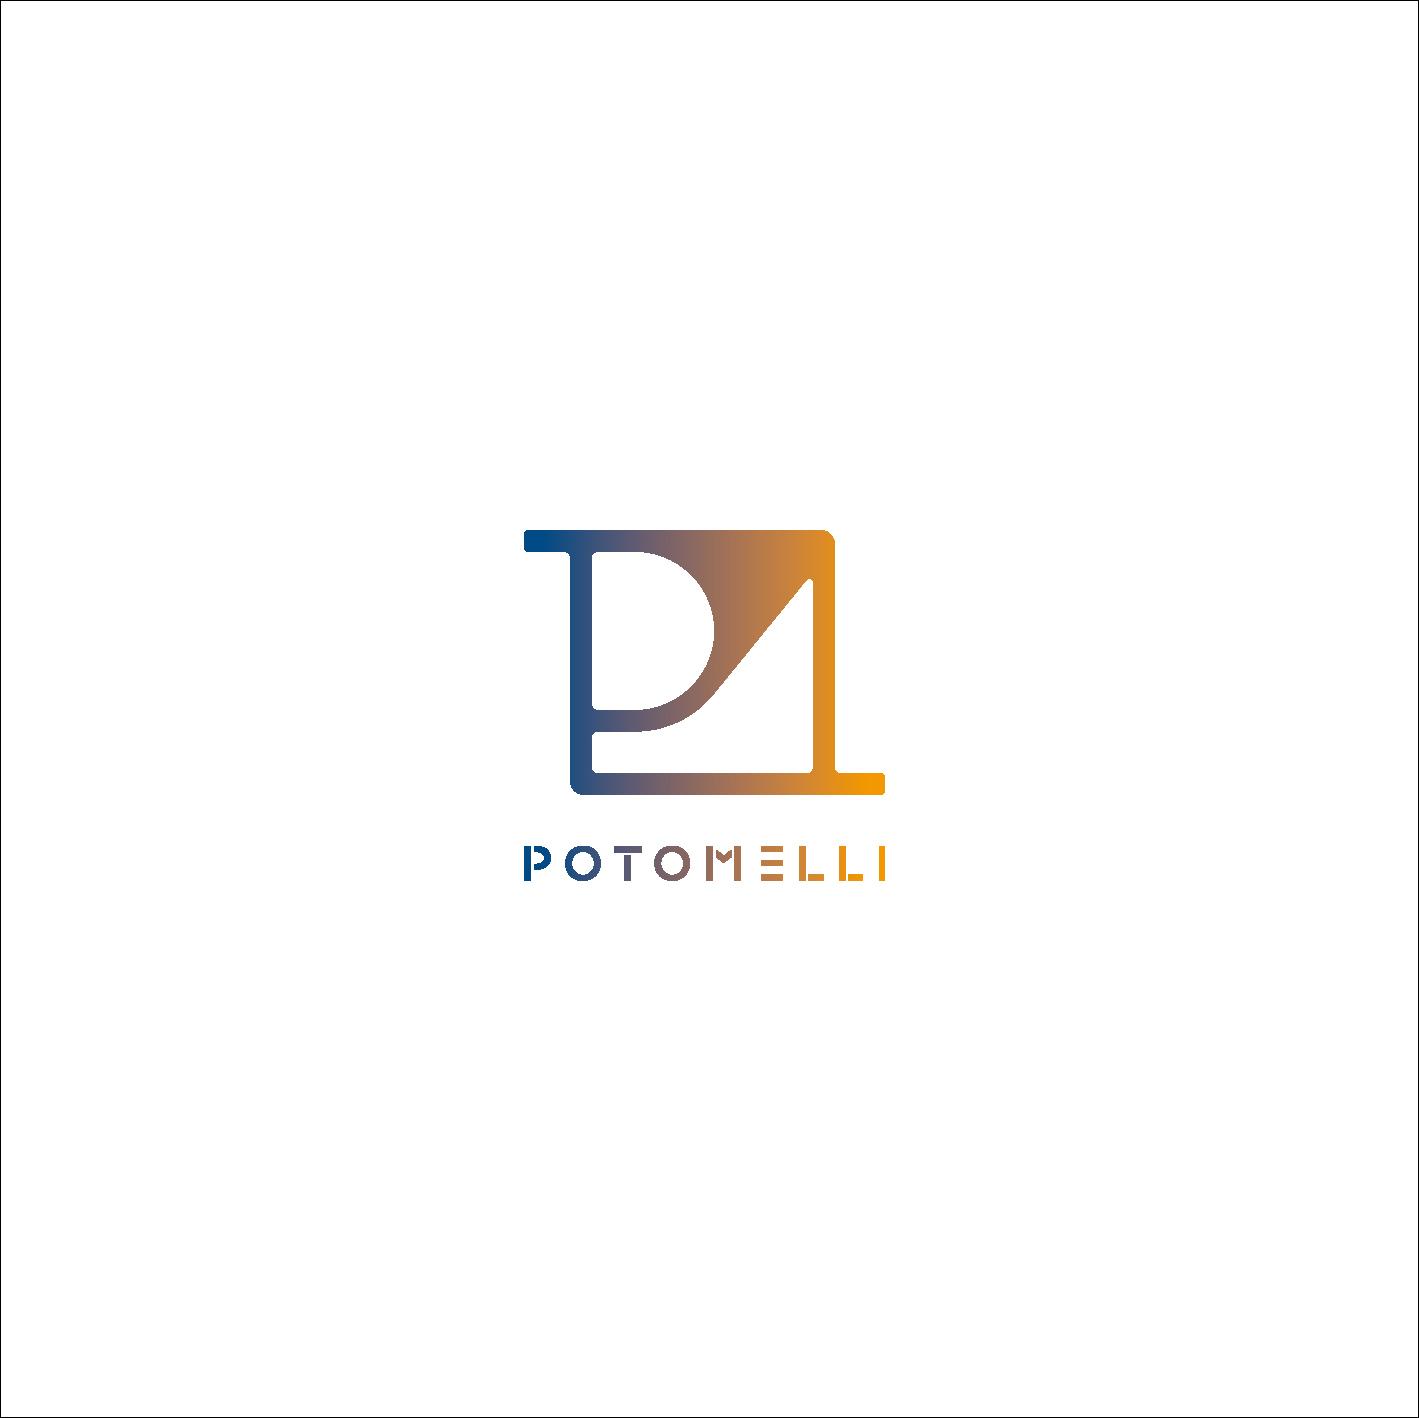 【Potomelli】Potomelli 1st Ep